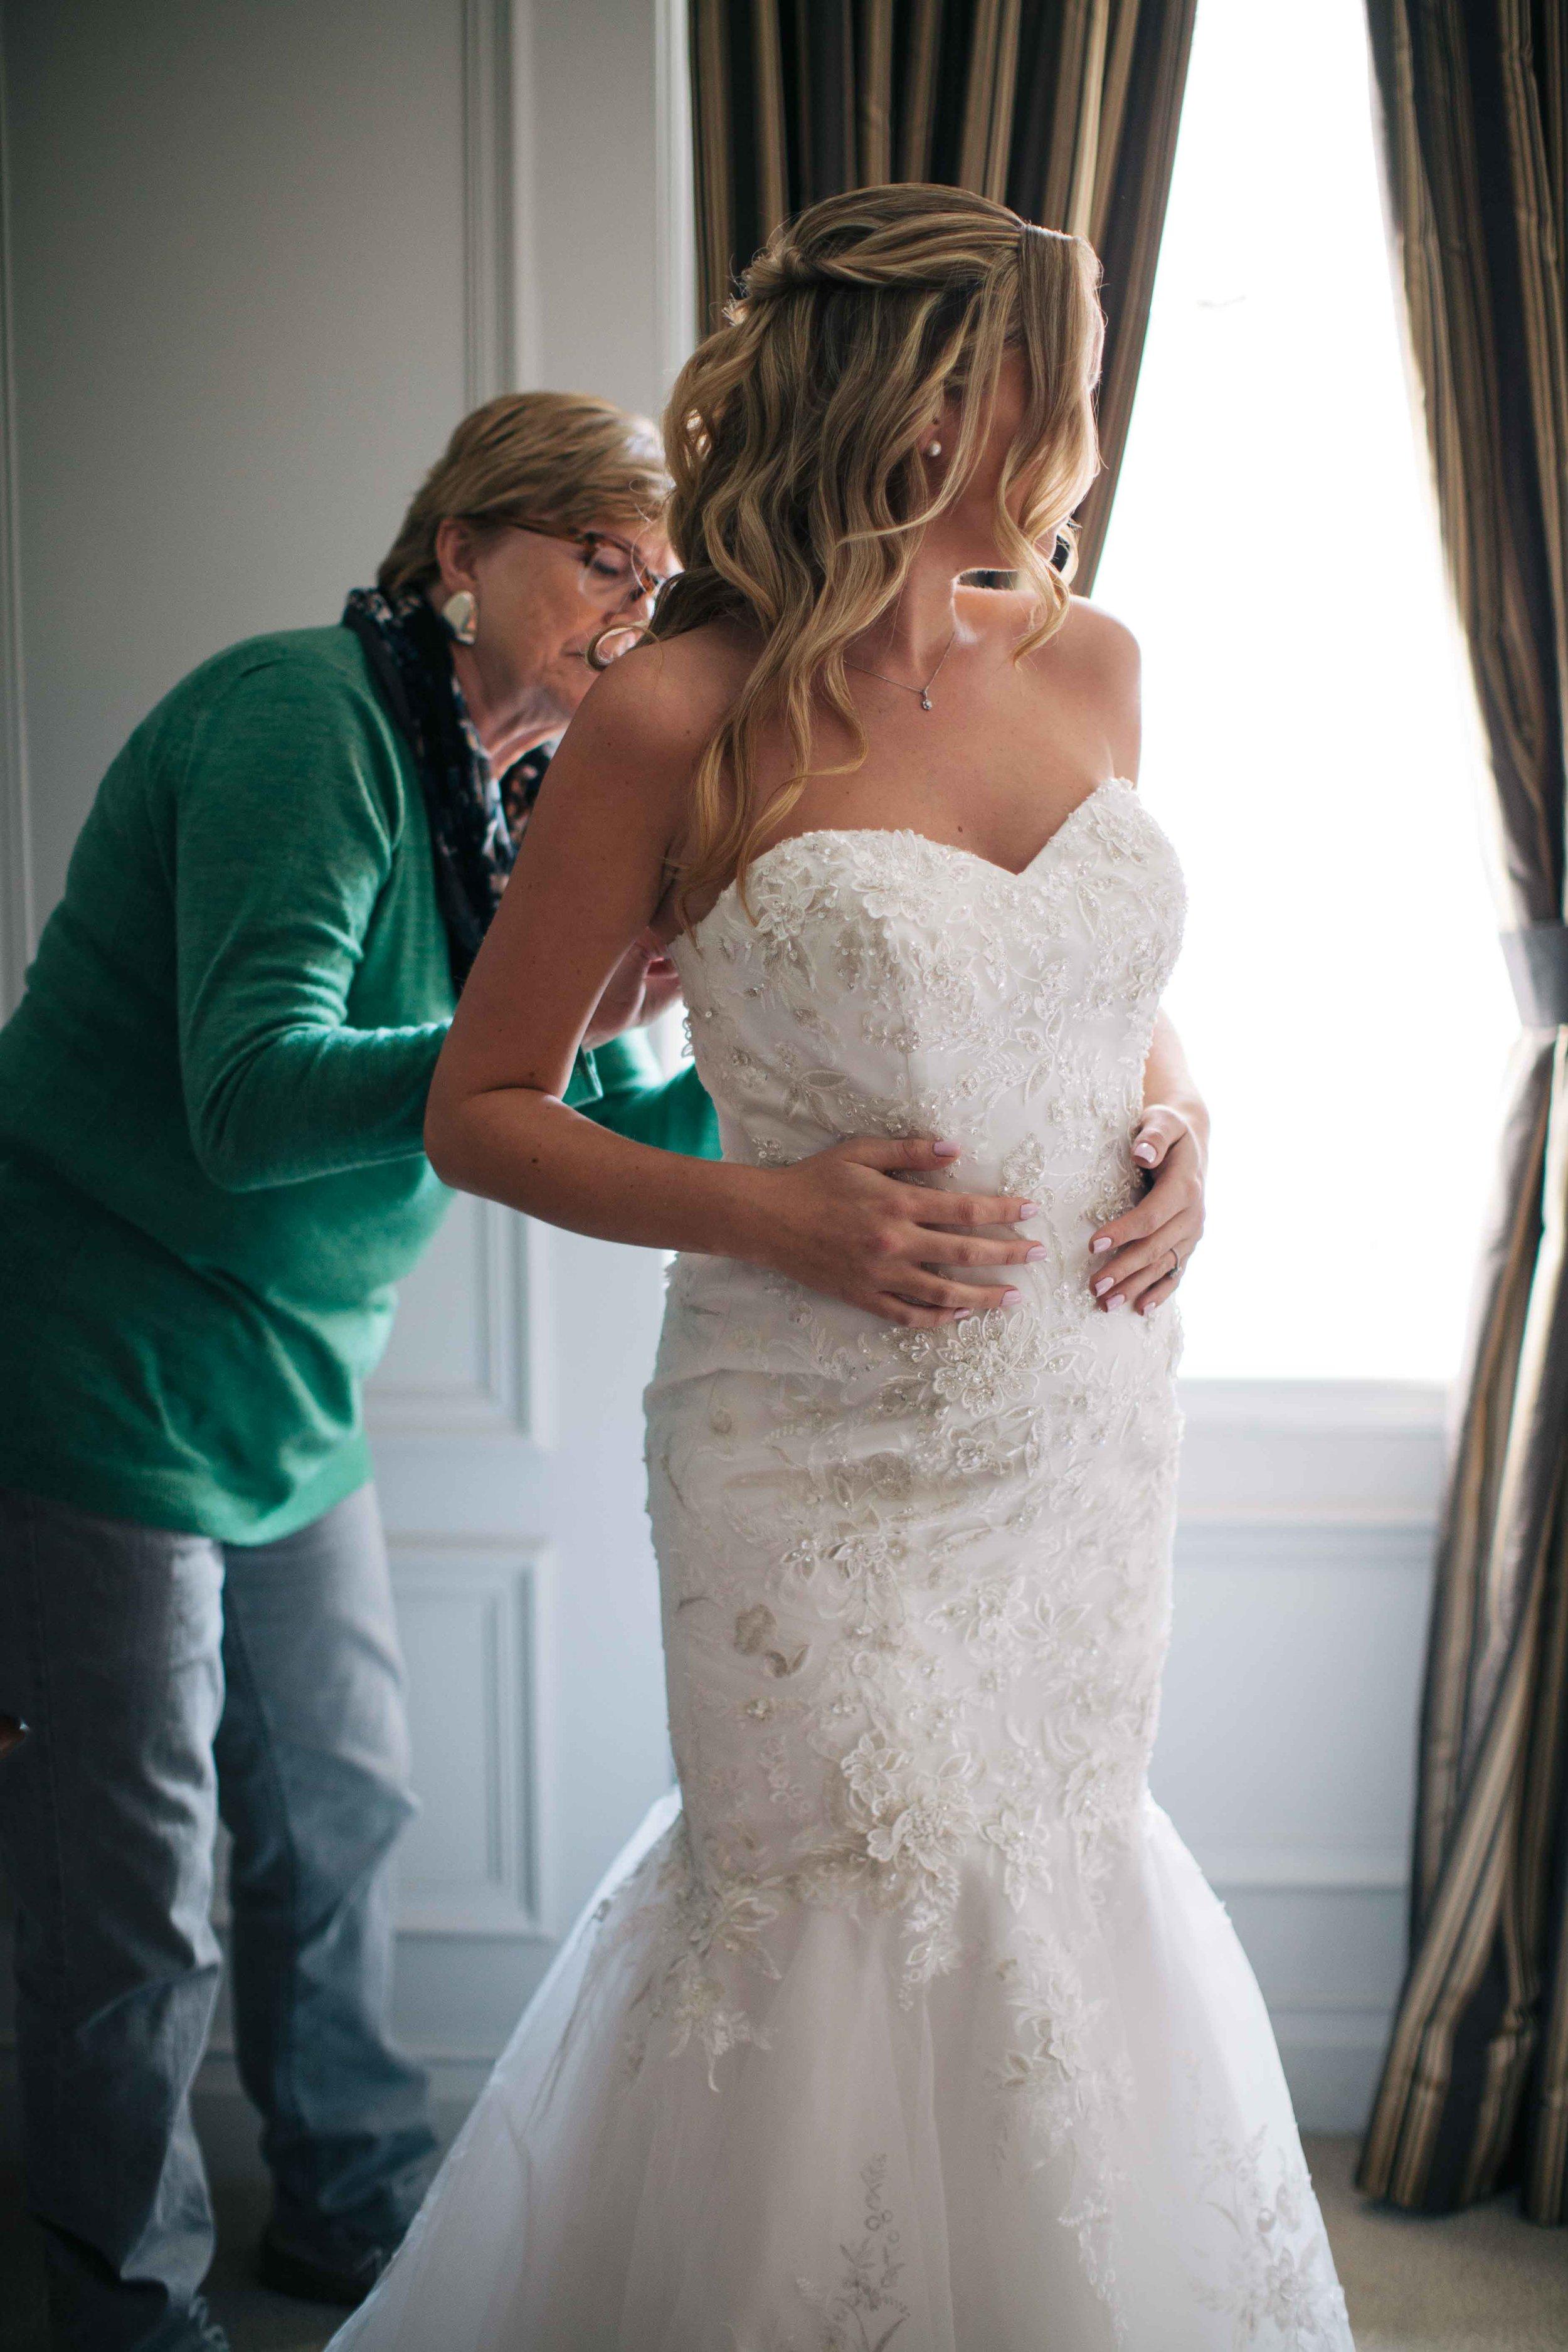 CHRIS_GEORGINA_WEDDING-17.jpg